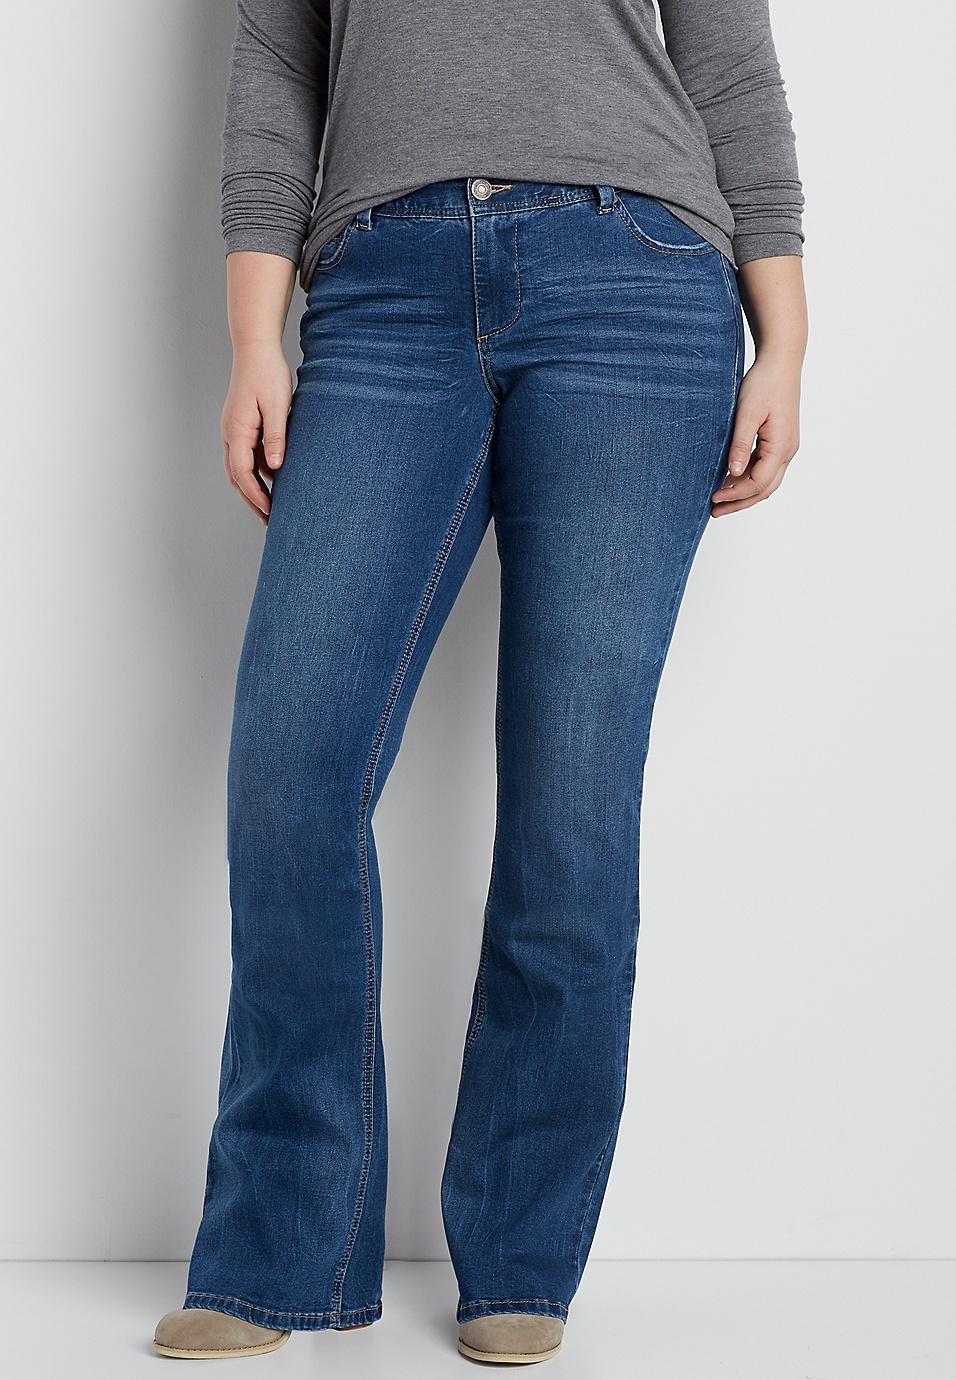 d5bffe789c0d2 DenimFlex™ plus size flare jeans in dark wash